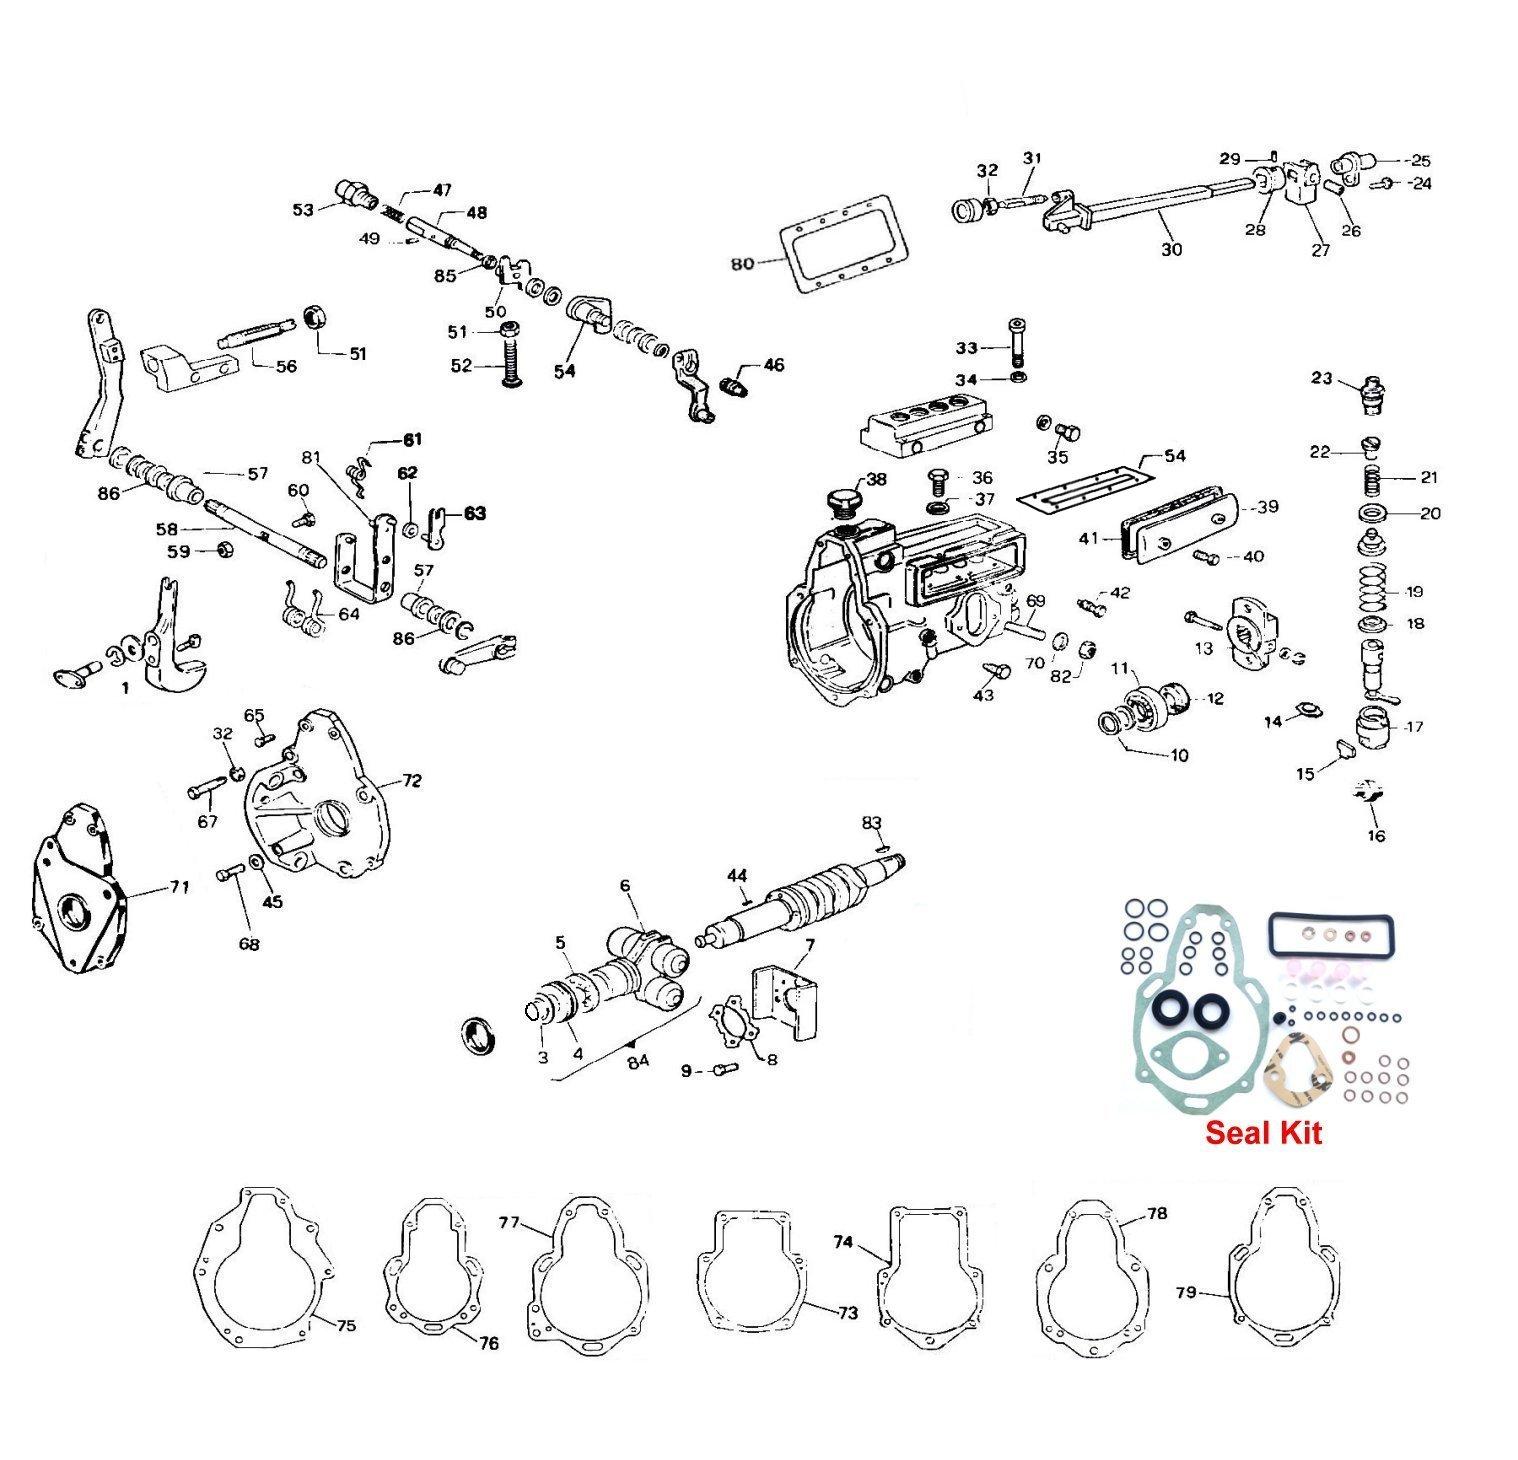 Simms Cav Minimec Interactive Parts Diagram